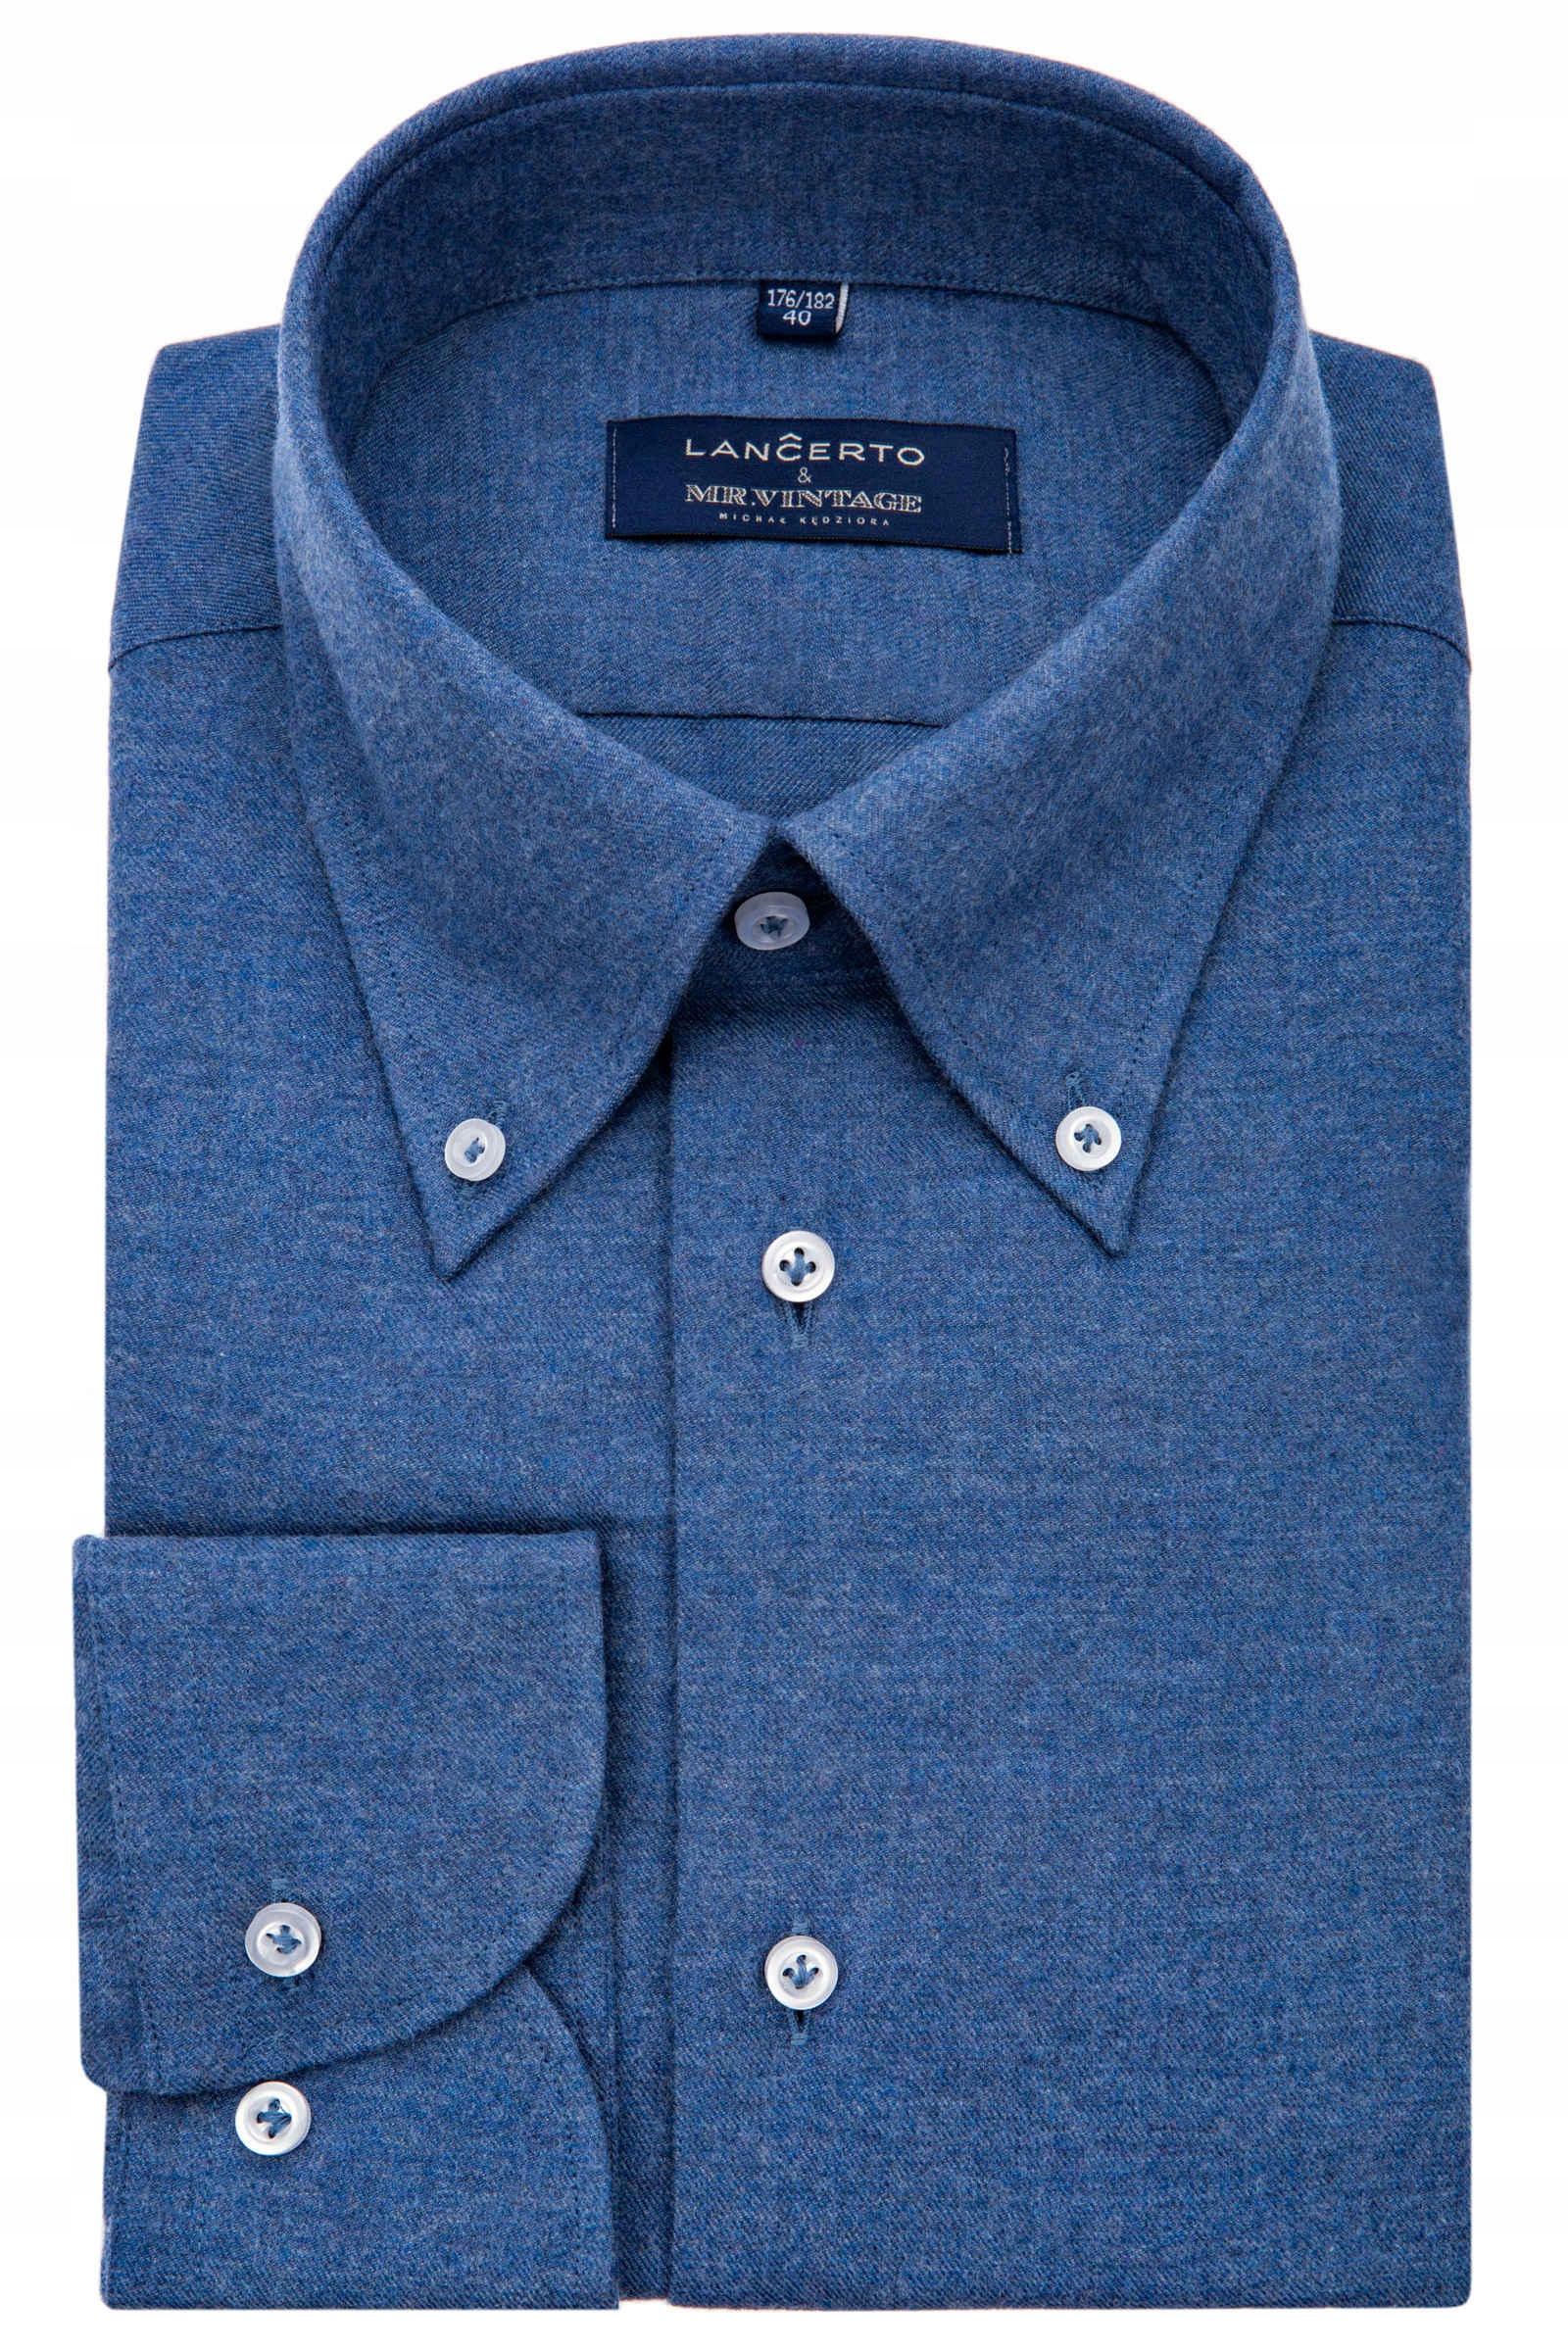 Lancerto tričko&Pán Vintage Calvin 176/39